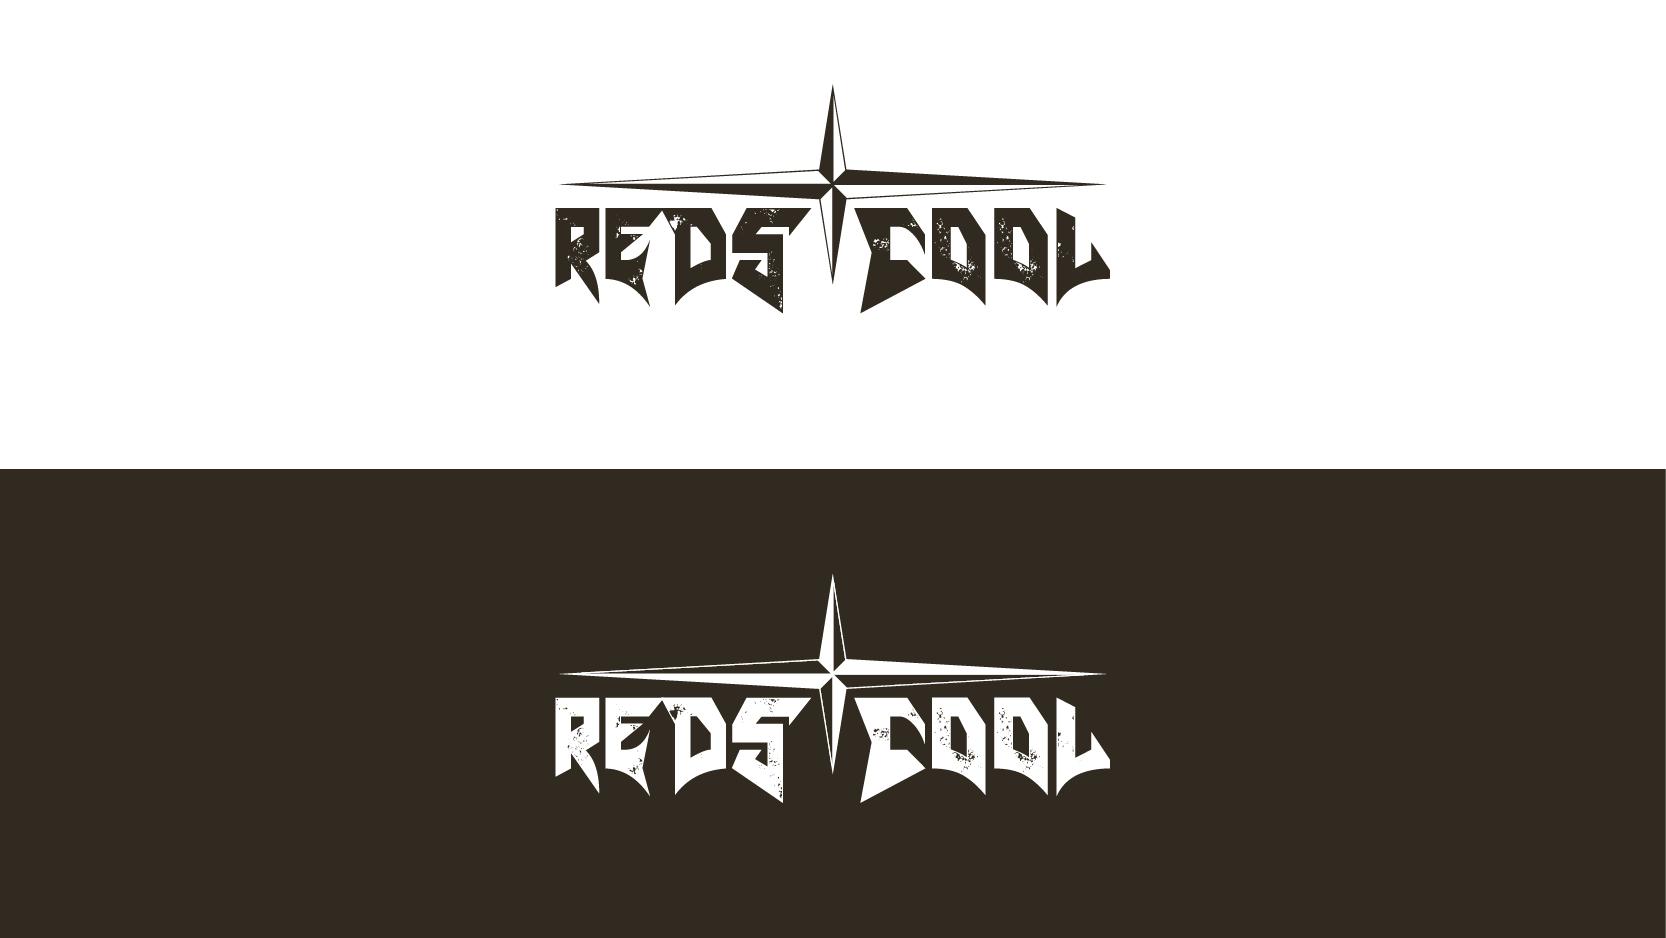 Логотип для музыкальной группы фото f_4535a50bea5d68ad.jpg